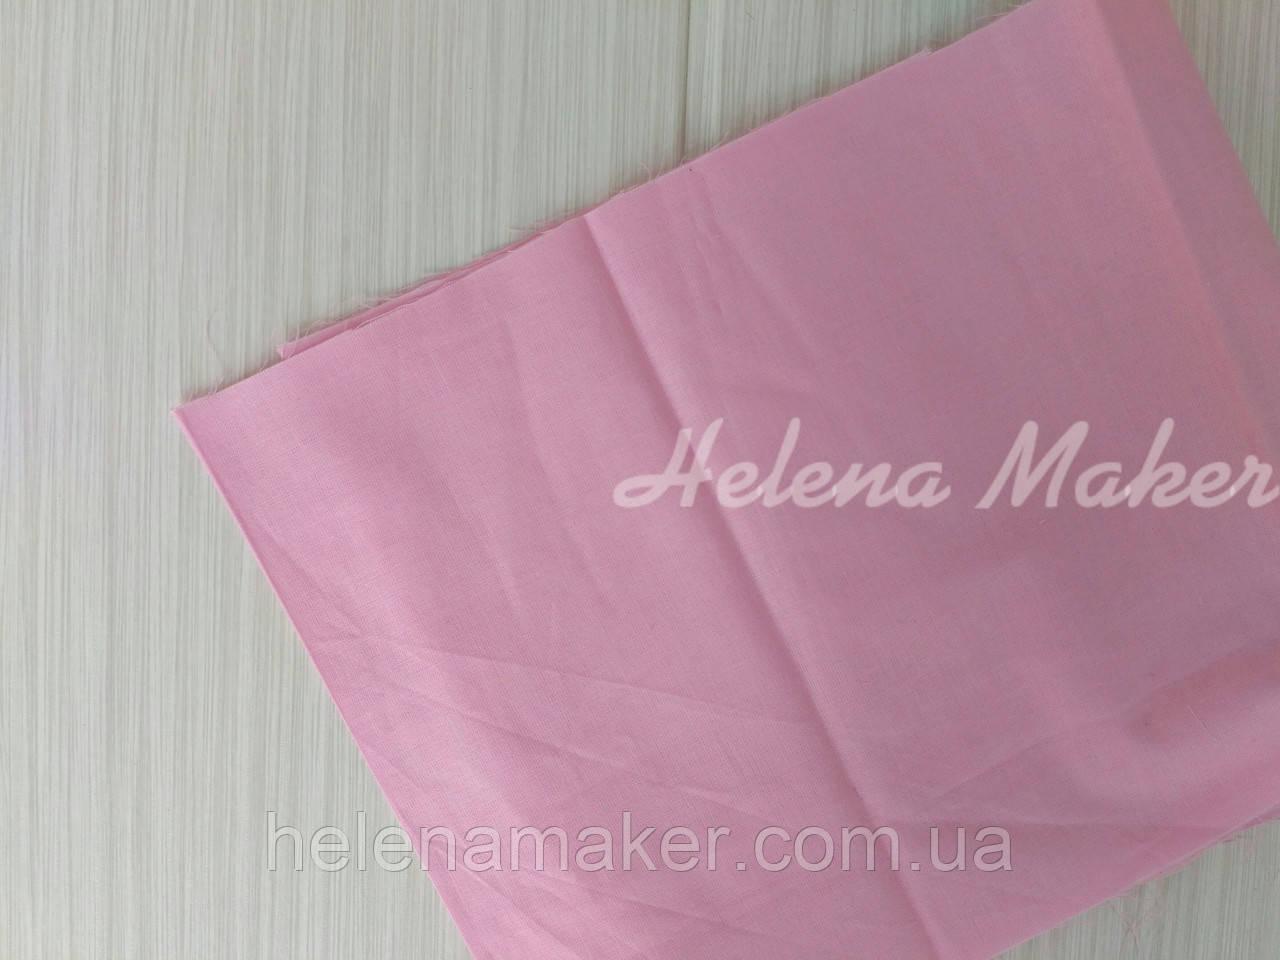 Хлопок однотонный розовый  50*50 см